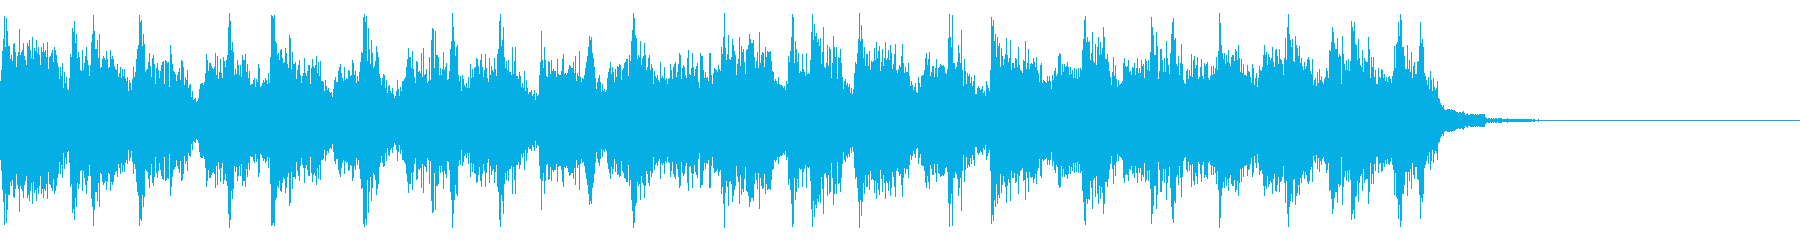 ロック風なアテンション音の再生済みの波形